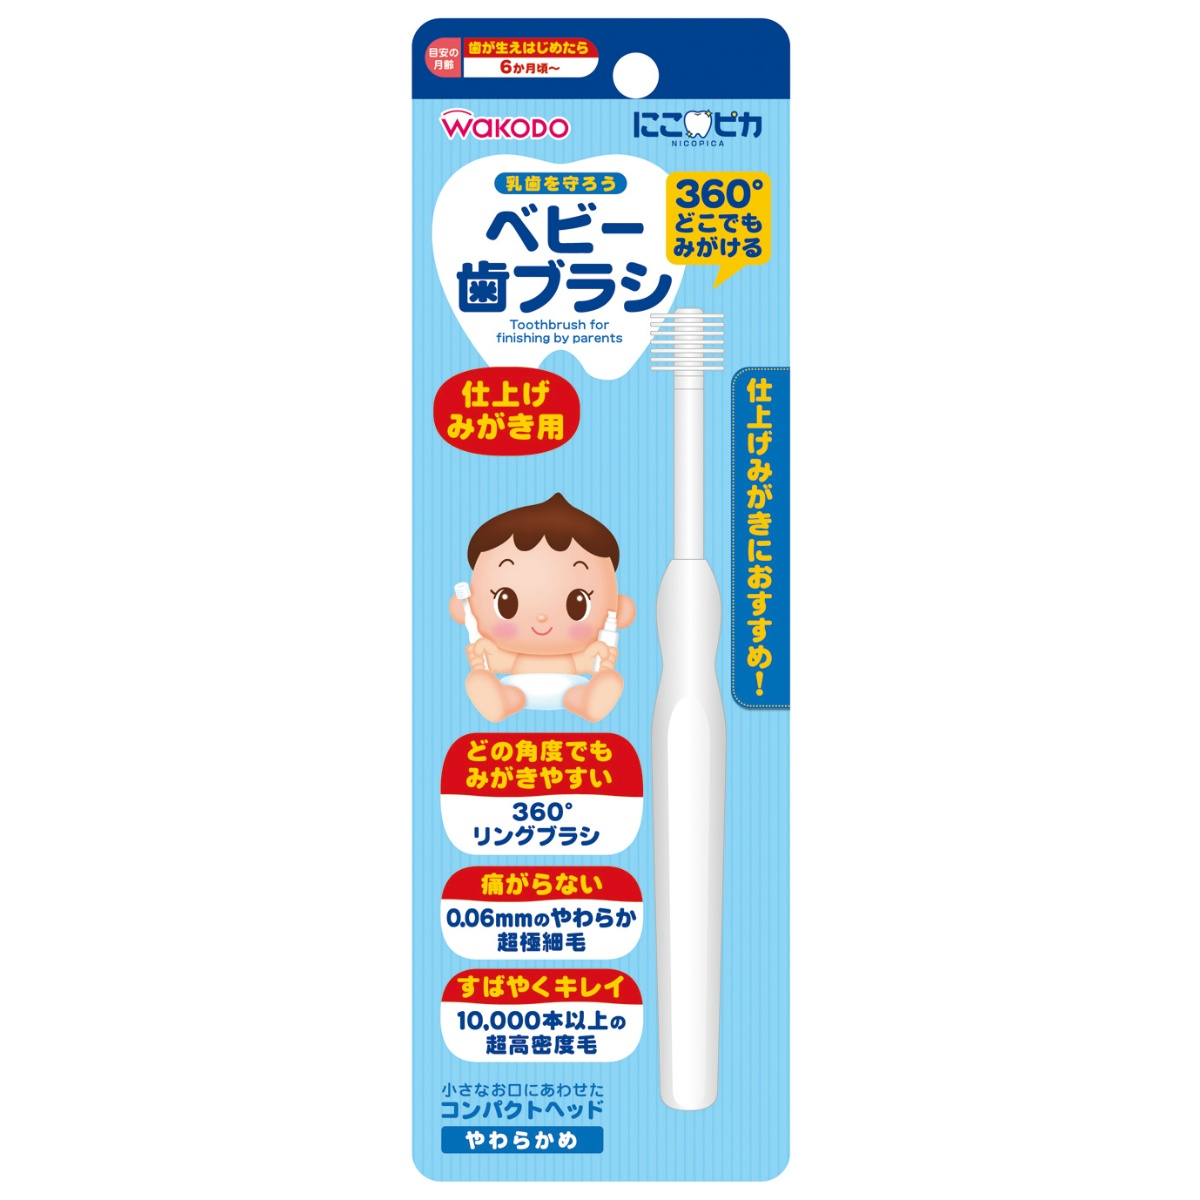 仕上げみがきに。超コンパクト、超極細・超高密度毛。 4987244170743  和光堂 にこピカ ベビー 歯ブラシ 仕上げ みがき用